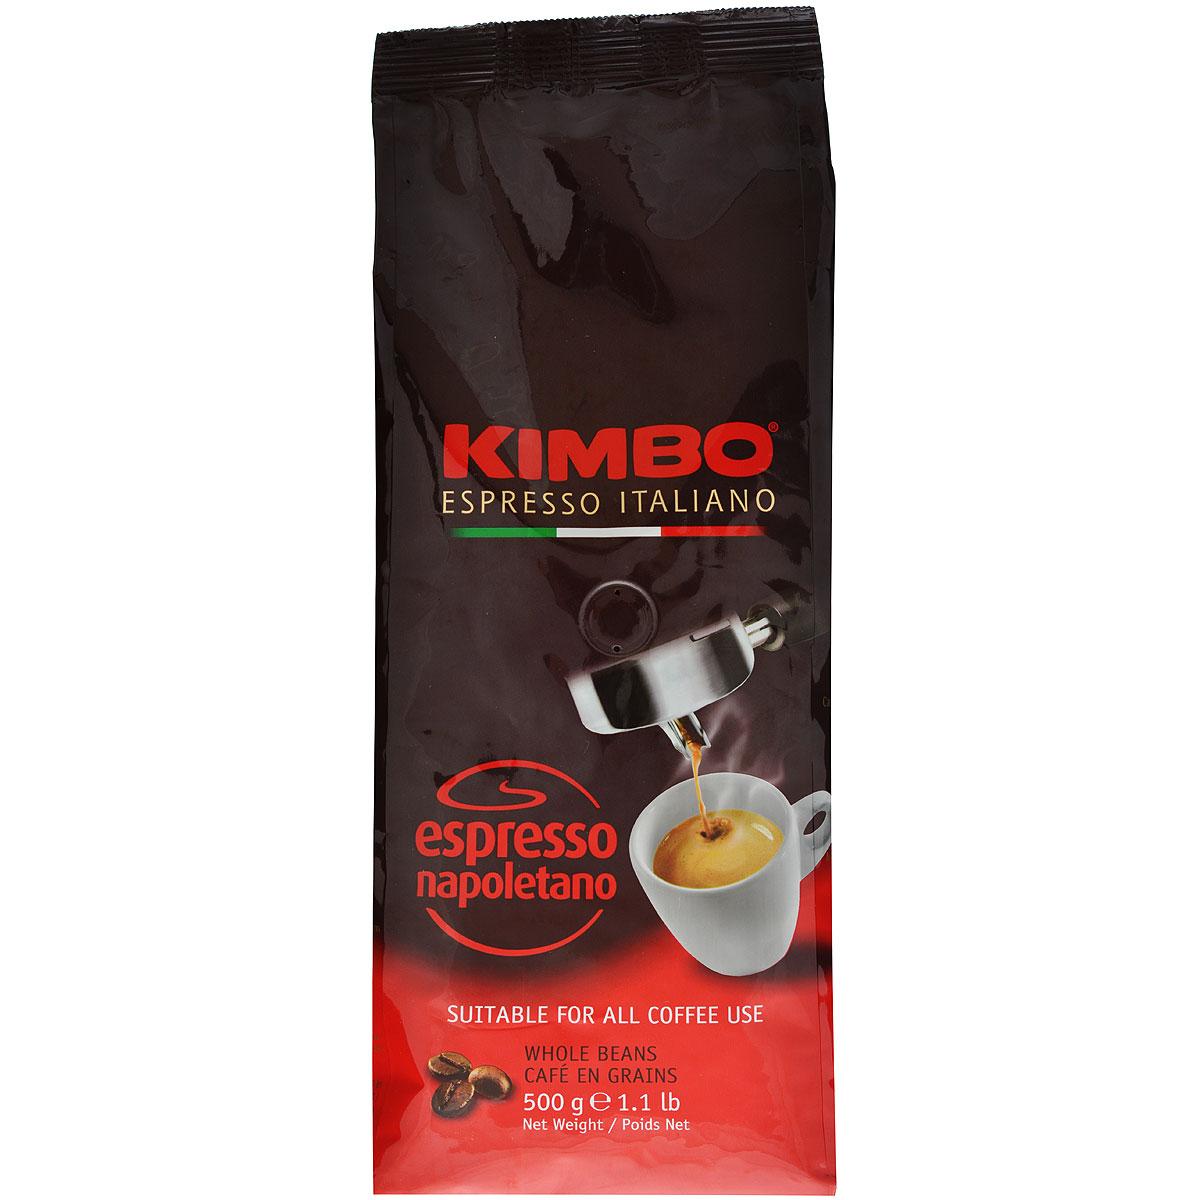 Kimbo Espresso Napoletano кофе в зернах, 500 г101246Натуральный жареный кофе в зернах Kimbo Espresso Napoletano с интенсивным вкусом и богатым ароматом. Традиционная неаполитанская обжарка характеризуется густой пенкой. Идеально подходит для любителей крепкого эспрессо. Смесь содержит 90% арабики и 10% робусты.